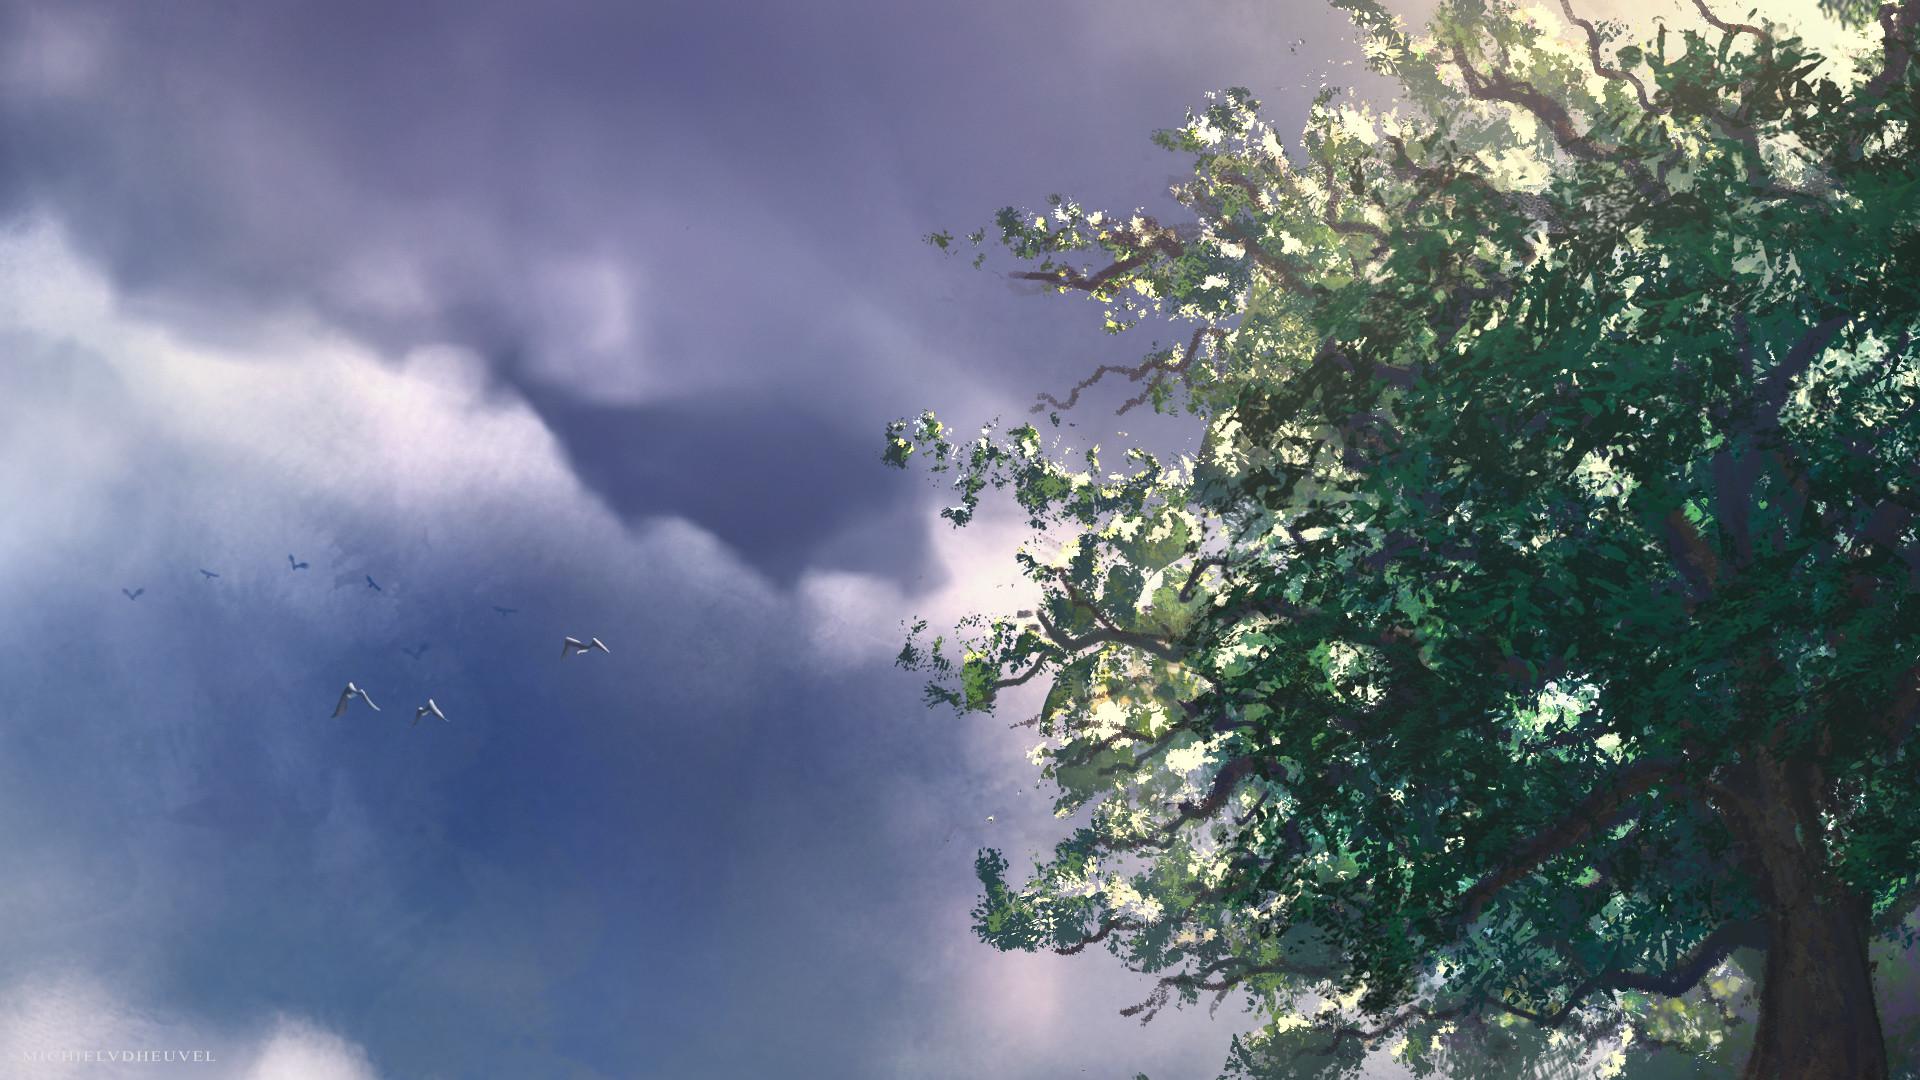 Michiel van den heuvel treelight